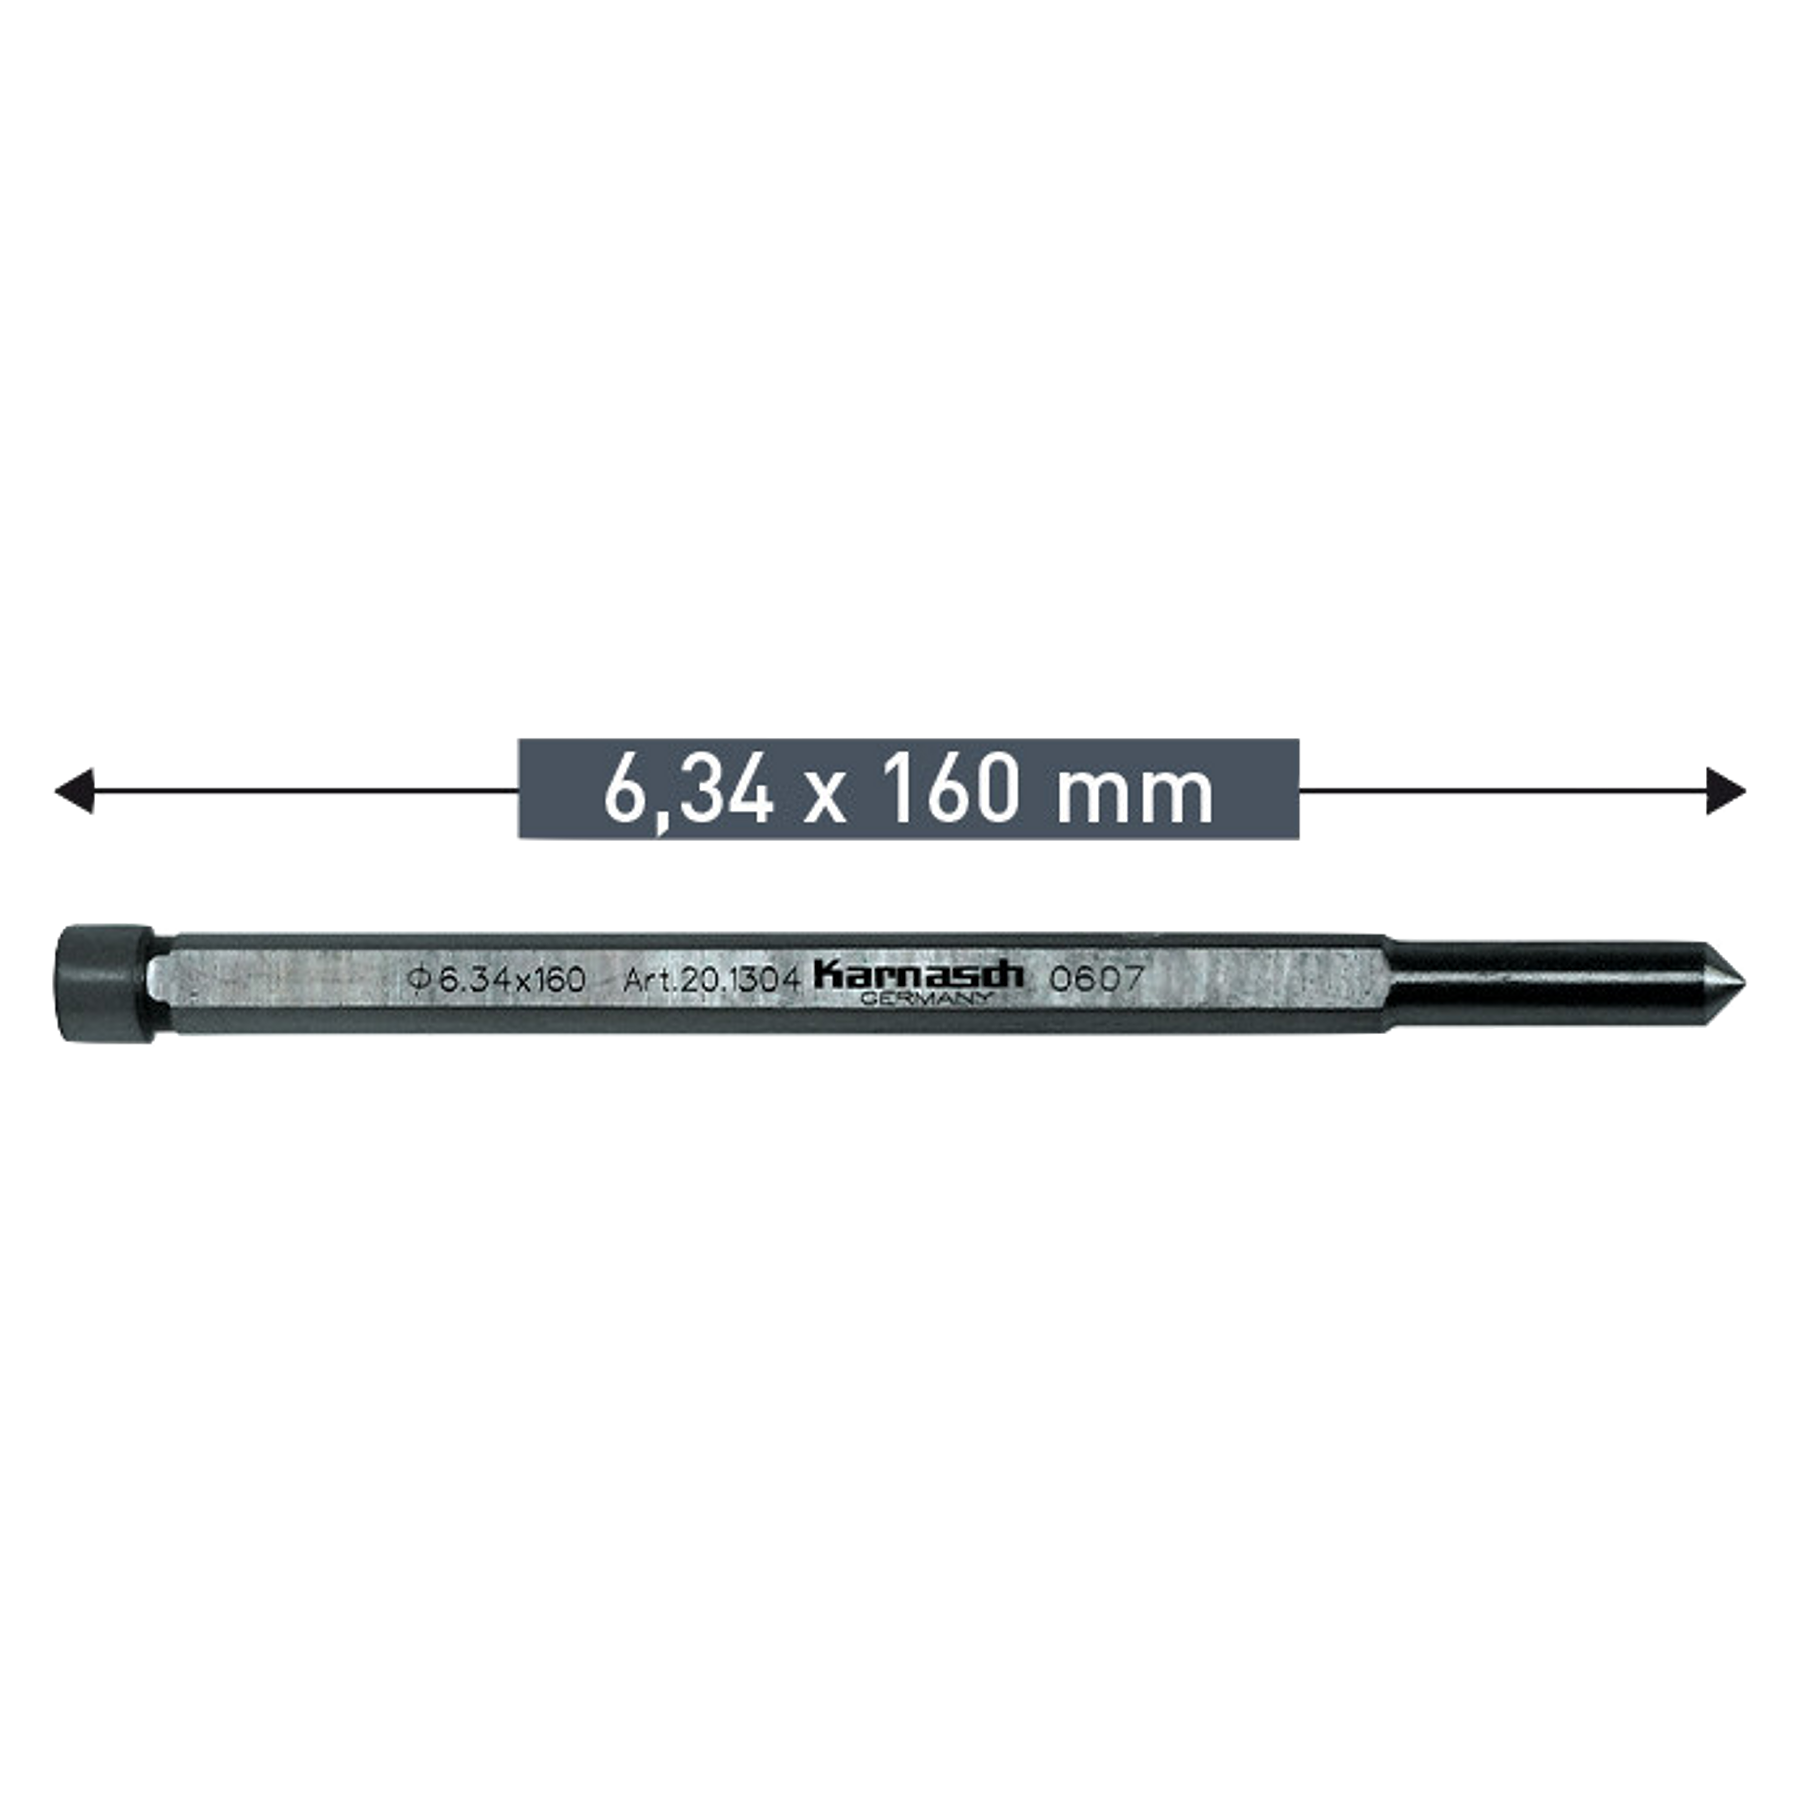 Guia De Centro Hss 6,34 x 160mm (20.1304) karnasch